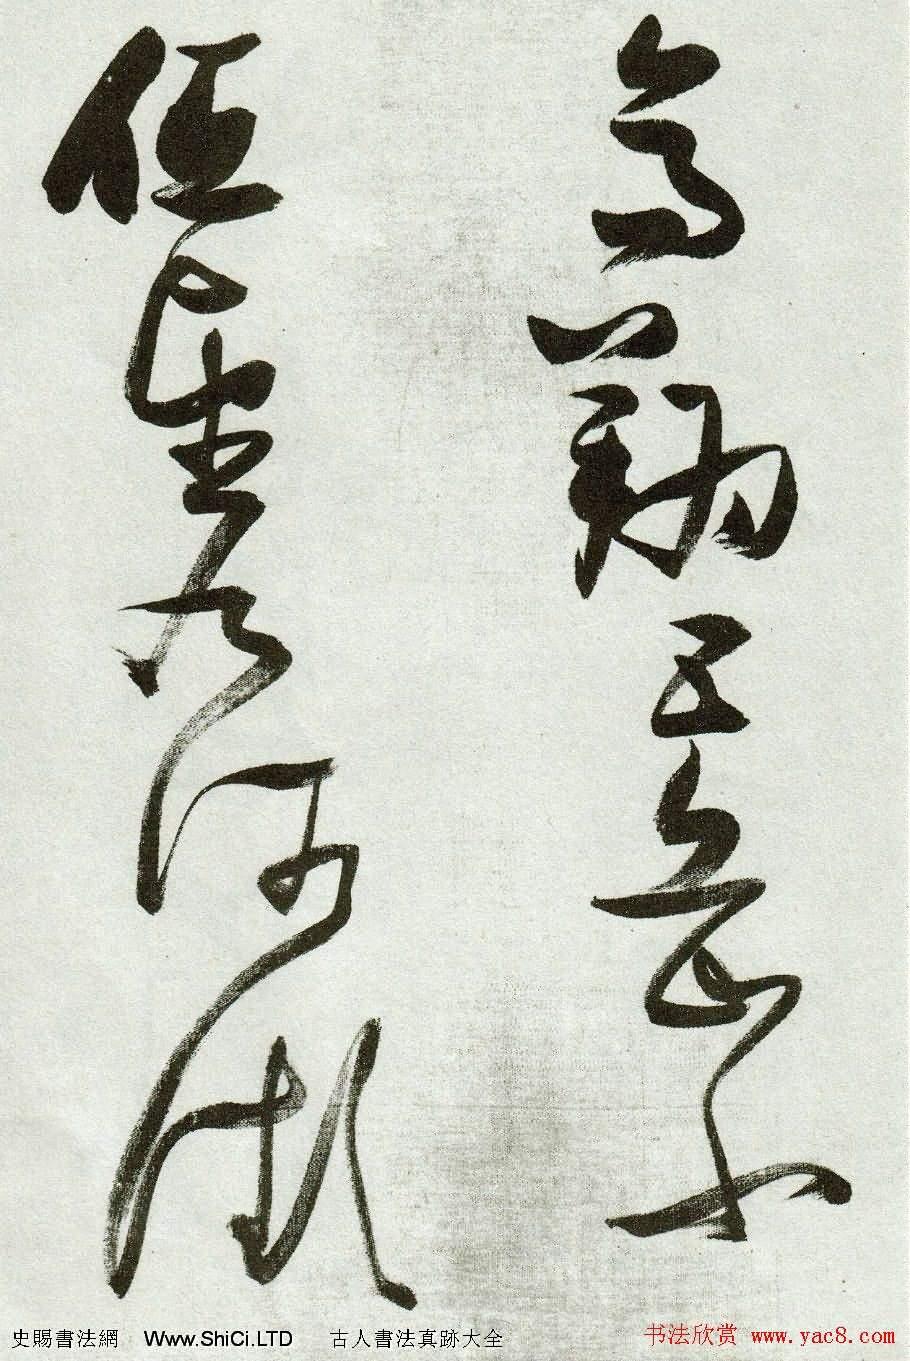 張瑞圖草書作品欣賞《郭璞遊仙詩》